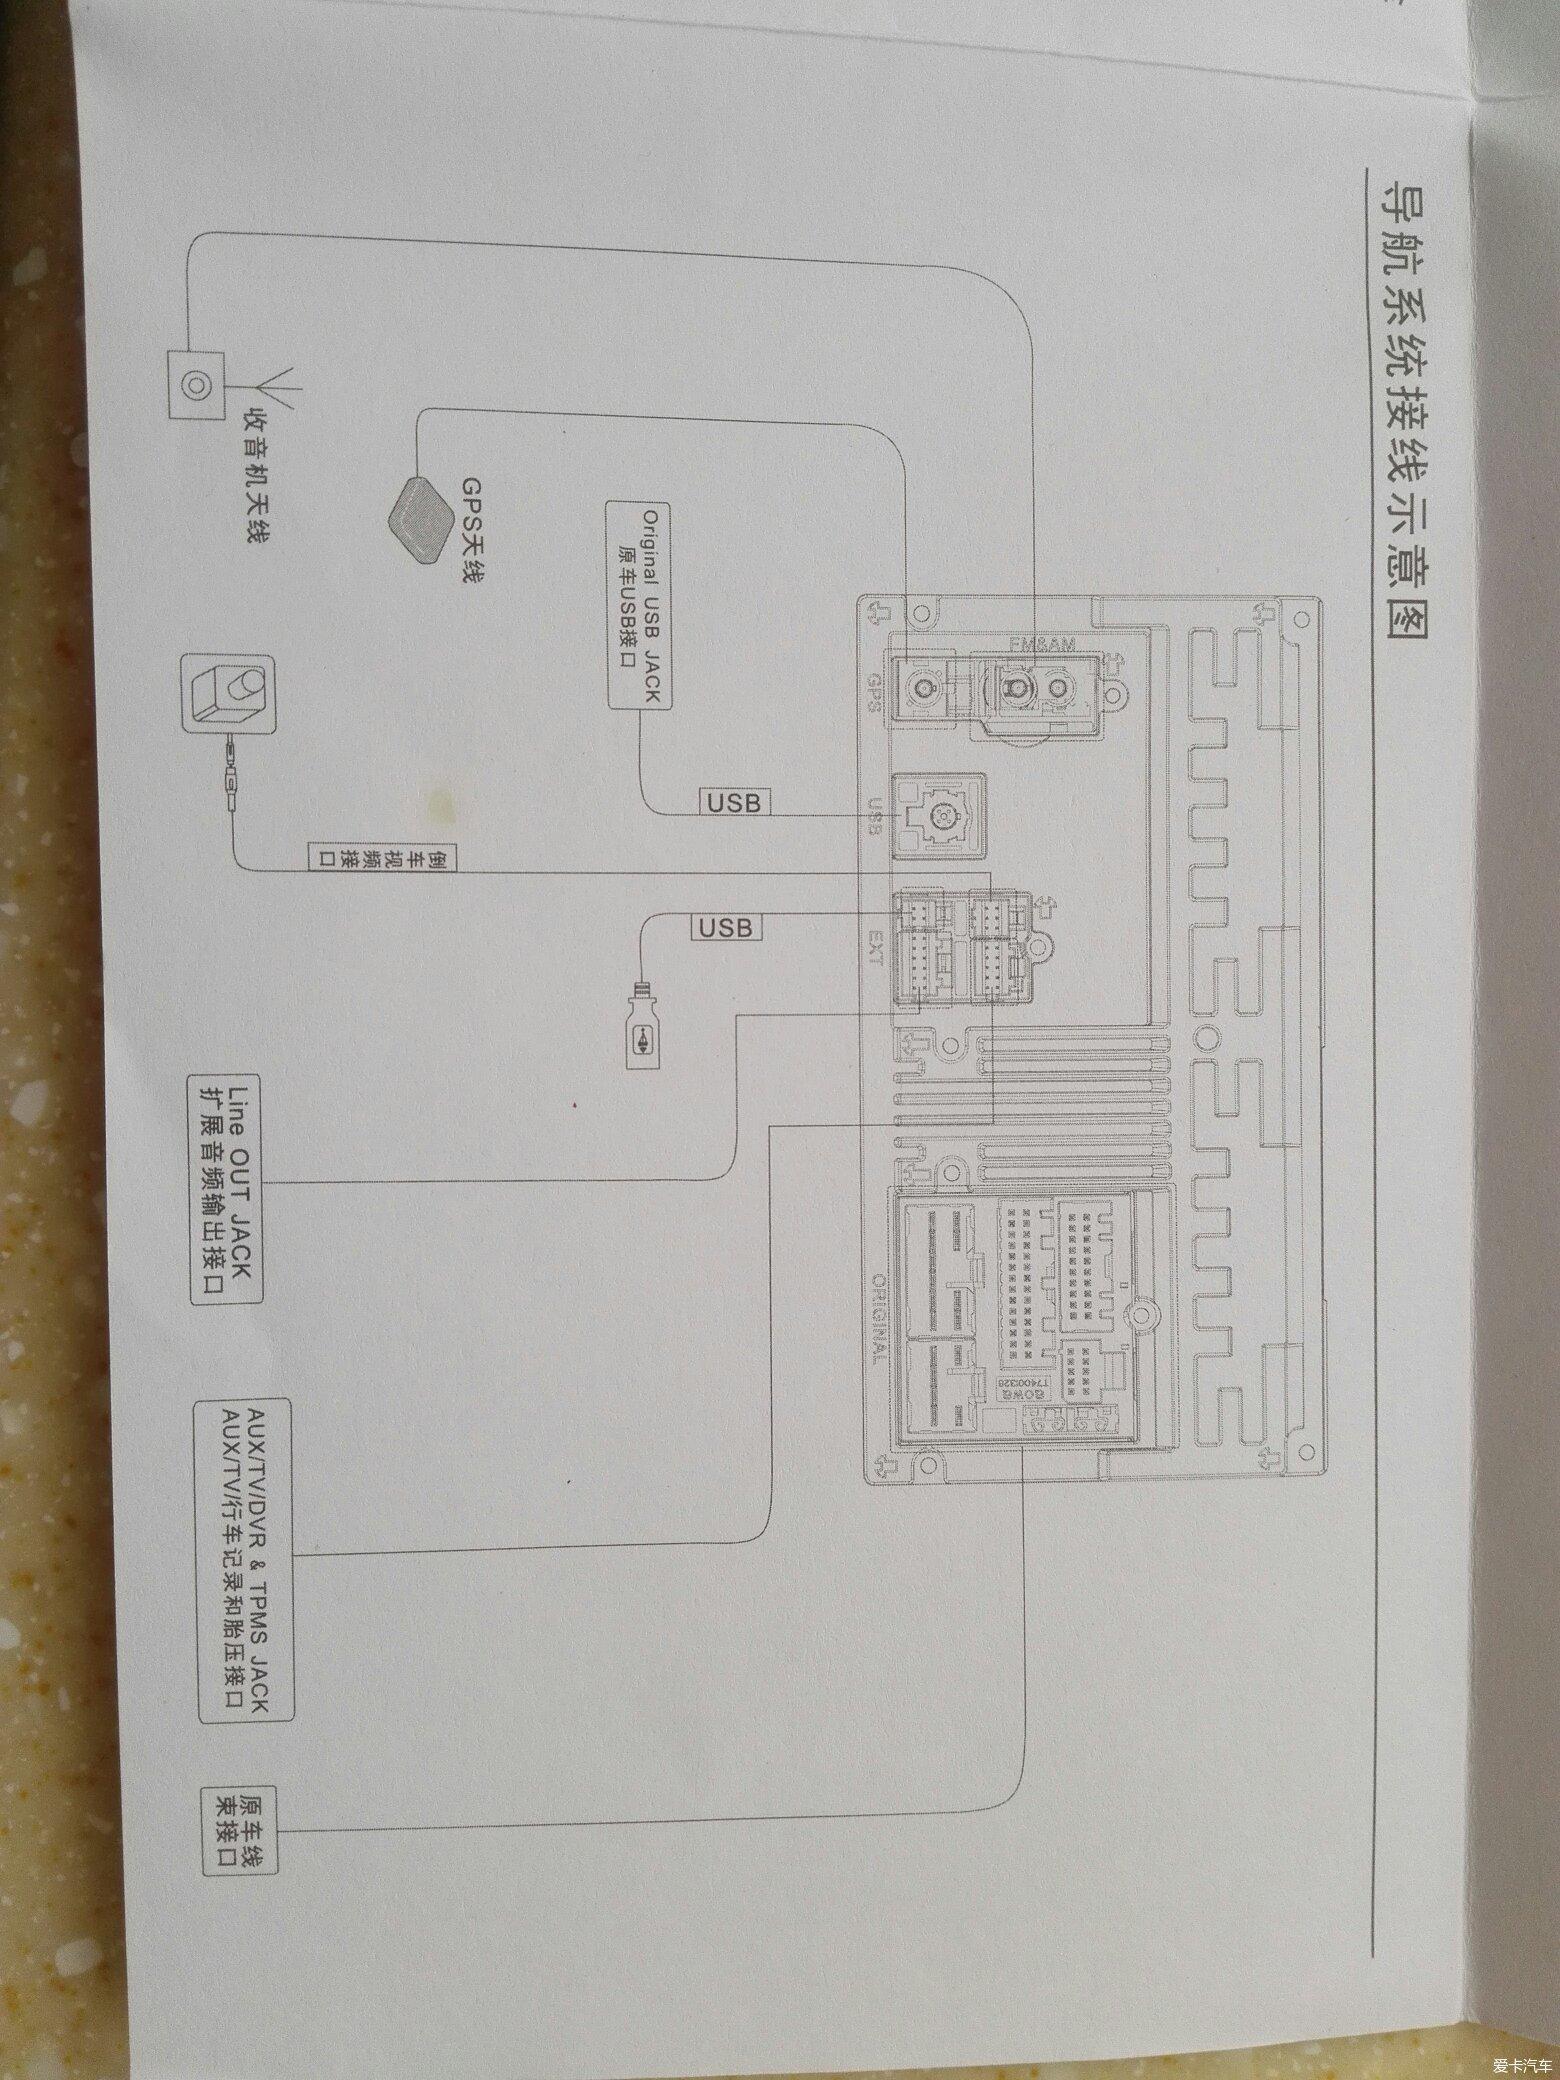 这个是飞歌导航接线图,不知道对你有用没